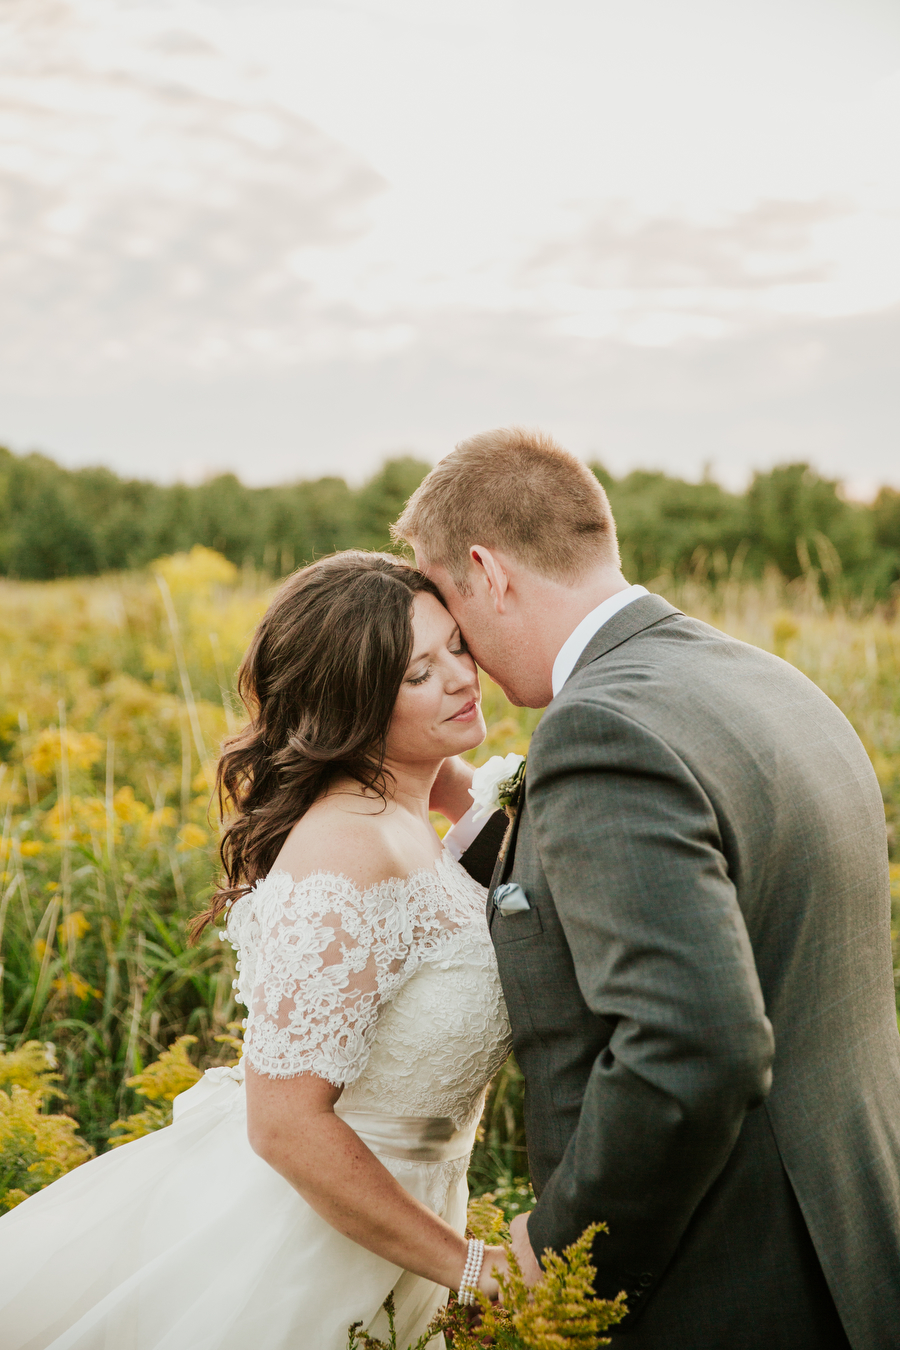 belcroft estates rustic barn wedding